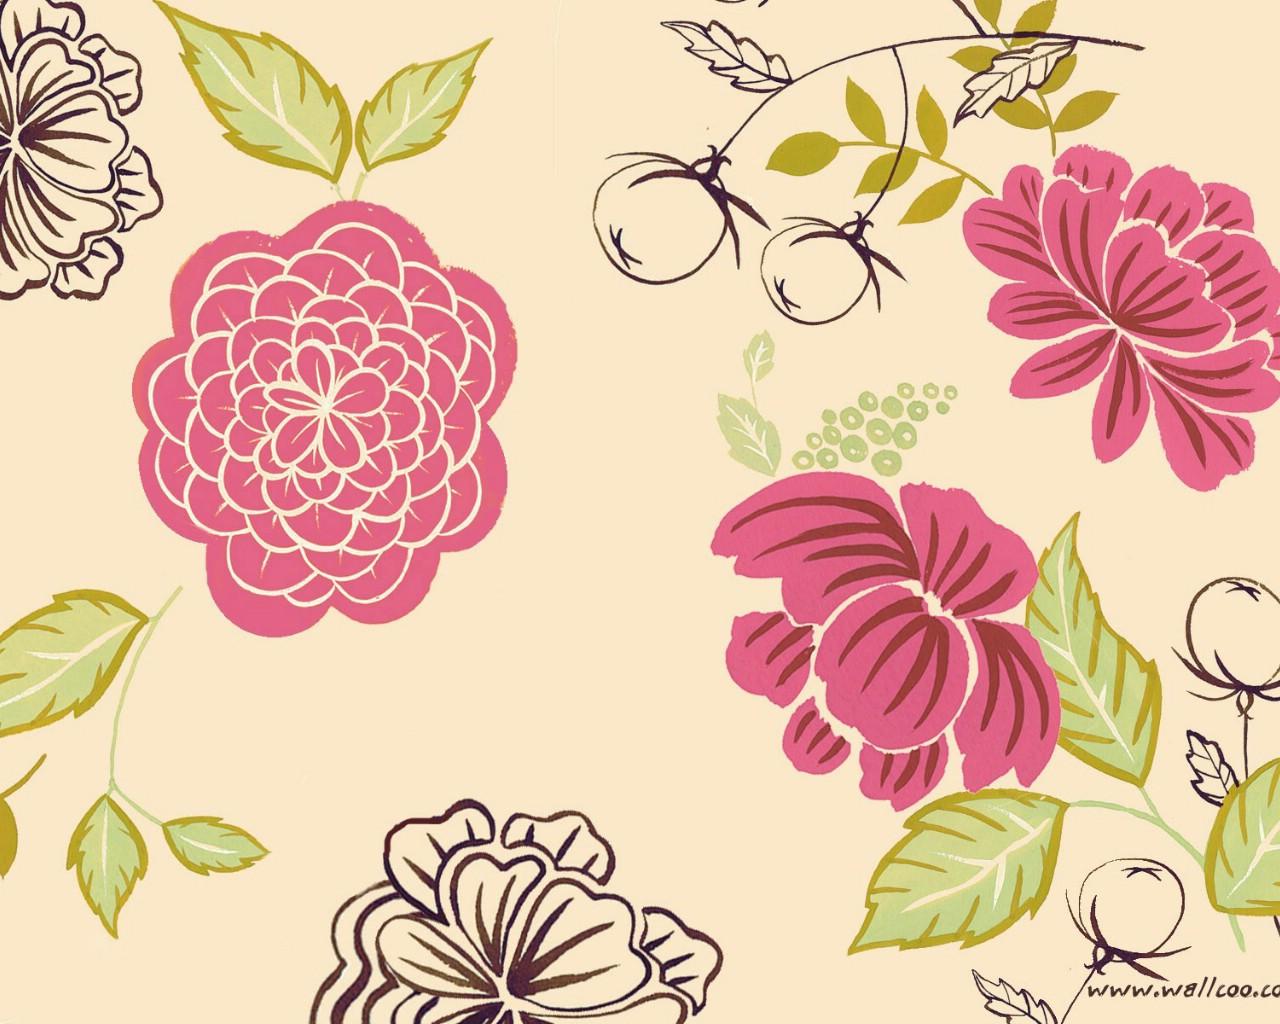 壁纸1280×1024花卉图案设计 抽象花卉插画壁纸壁纸 艺术与抽象花卉壁纸壁纸图片花卉壁纸花卉图片素材桌面壁纸